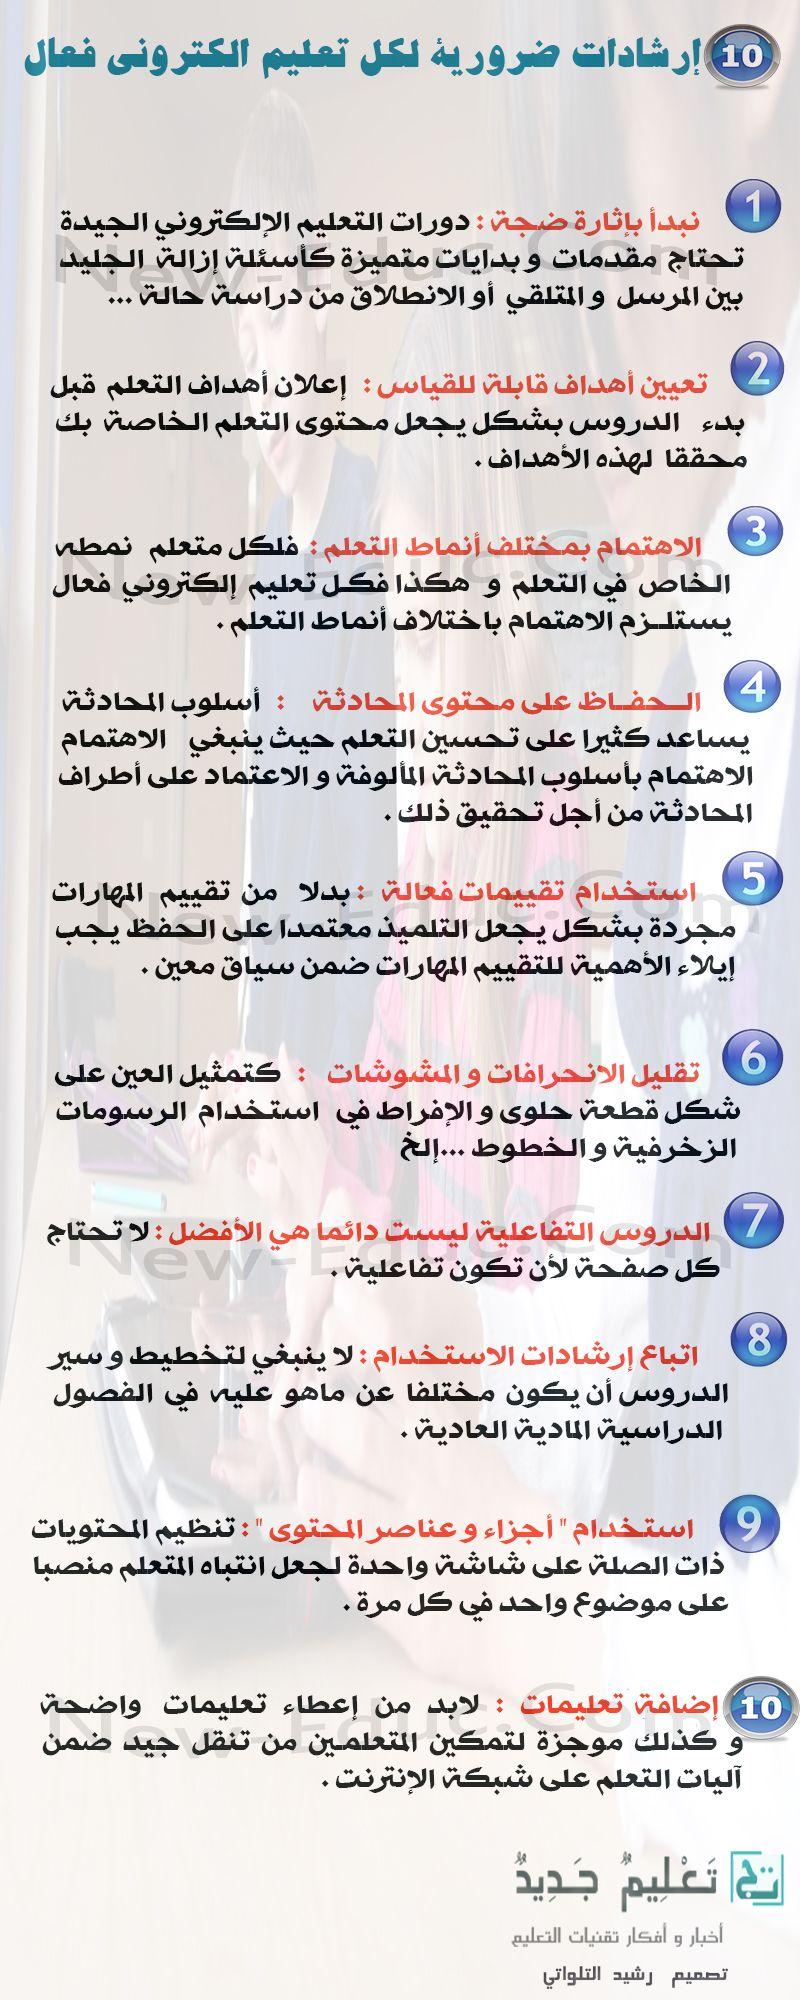 10 إرشادات ضرورية لكل تعليم الكتروني فعال Words Learning Learning Activities